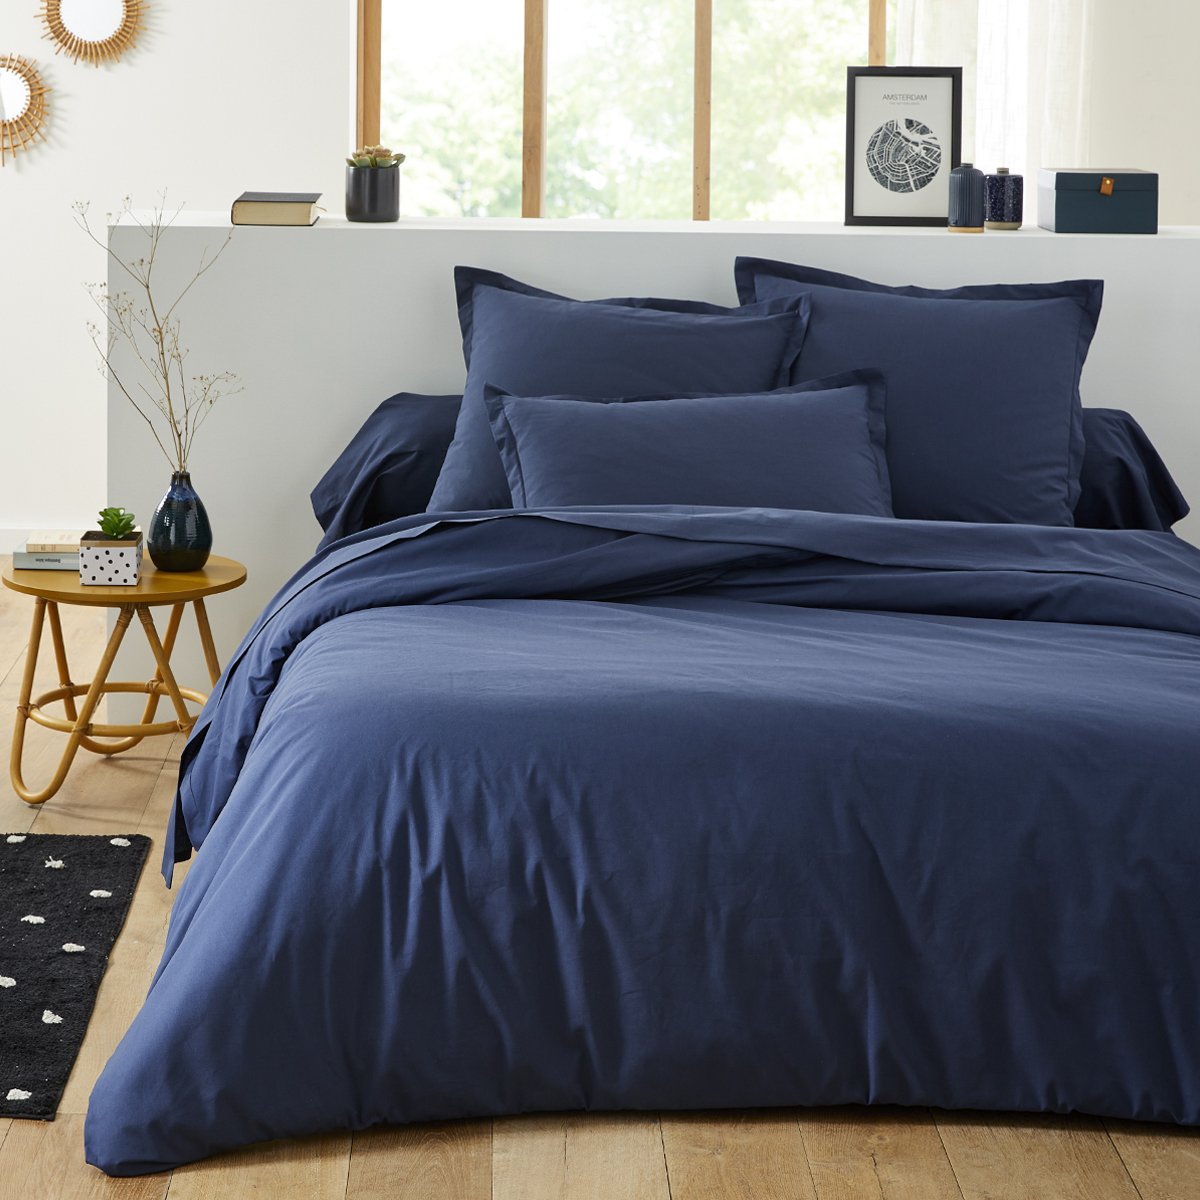 Housse de couette unie en coton bleu nuit 260x240